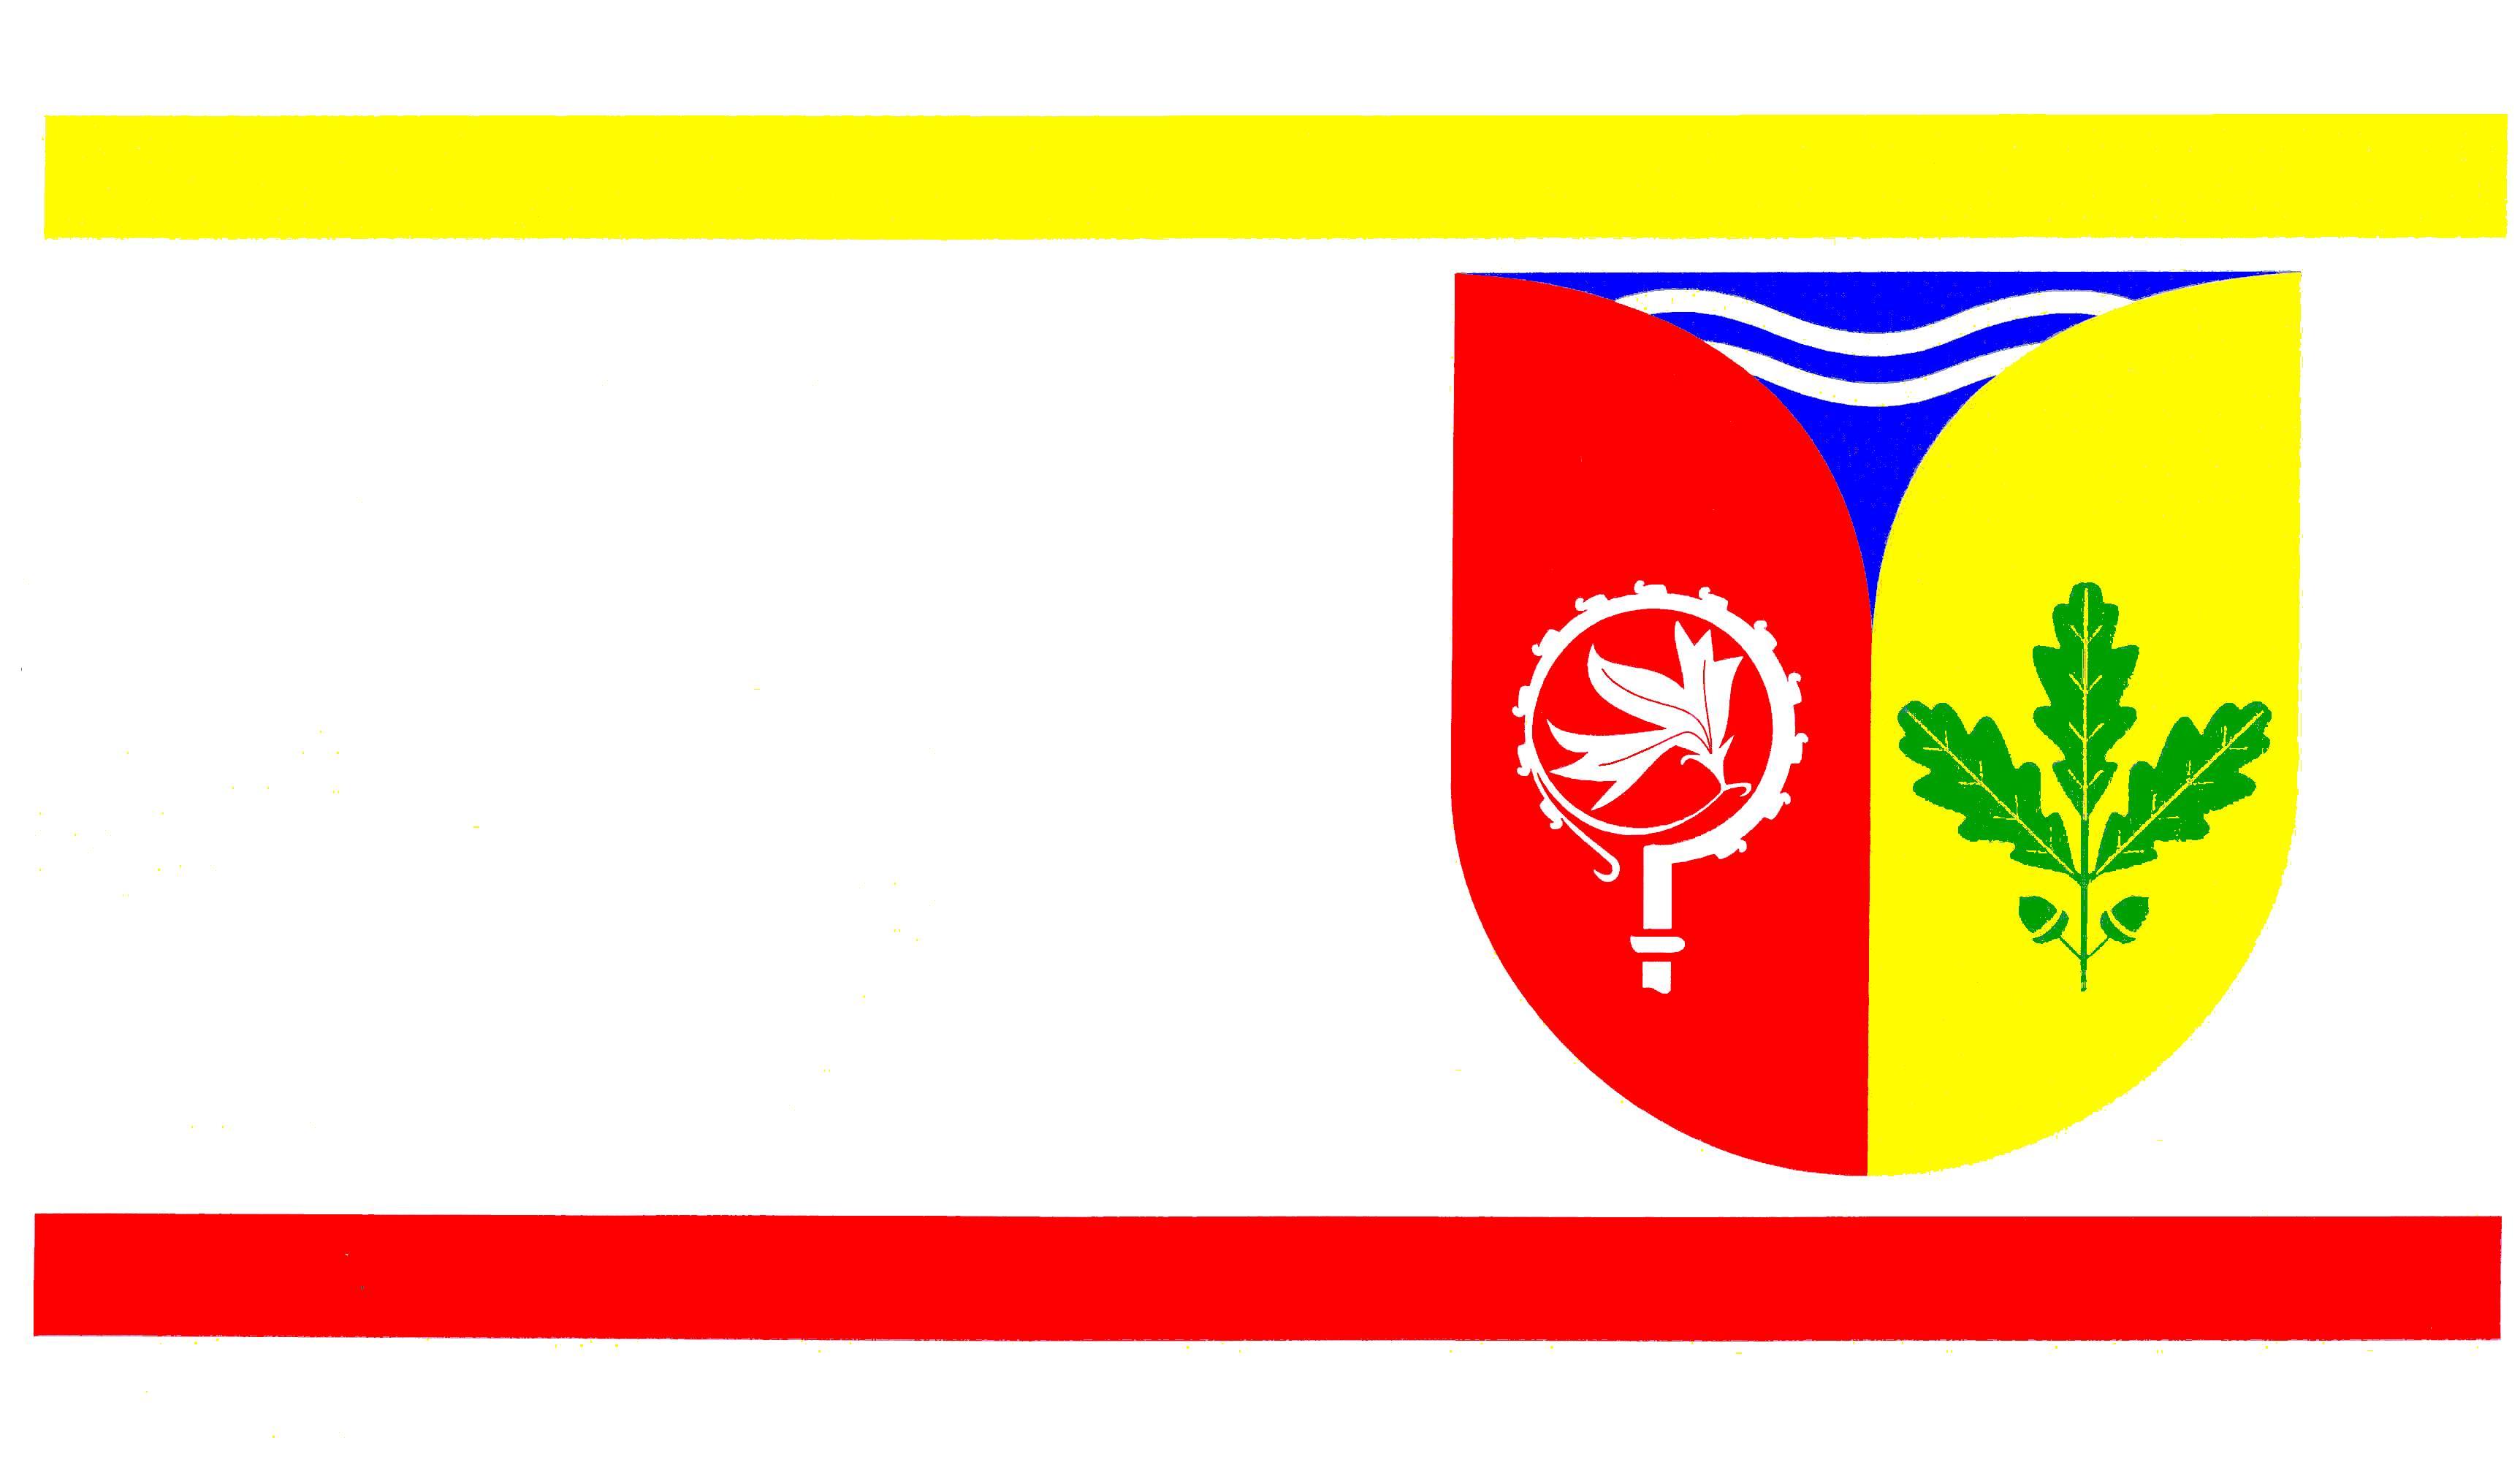 Flagge StadtSchwentinental, Kreis Plön